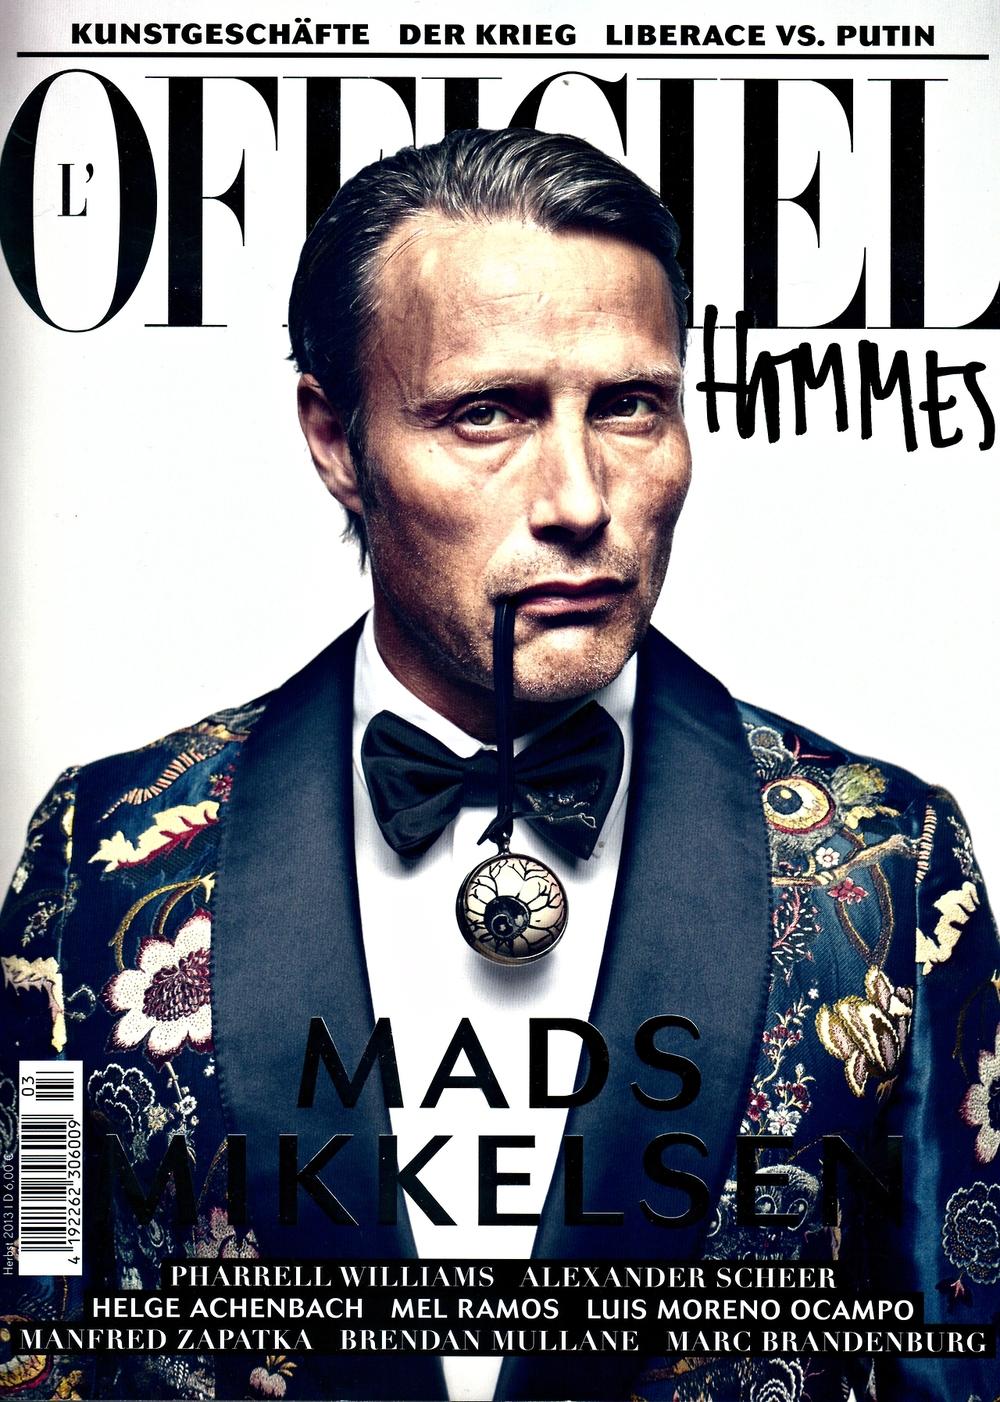 Mads Mikkelsen for L'Officiel Hommes - Mads_01